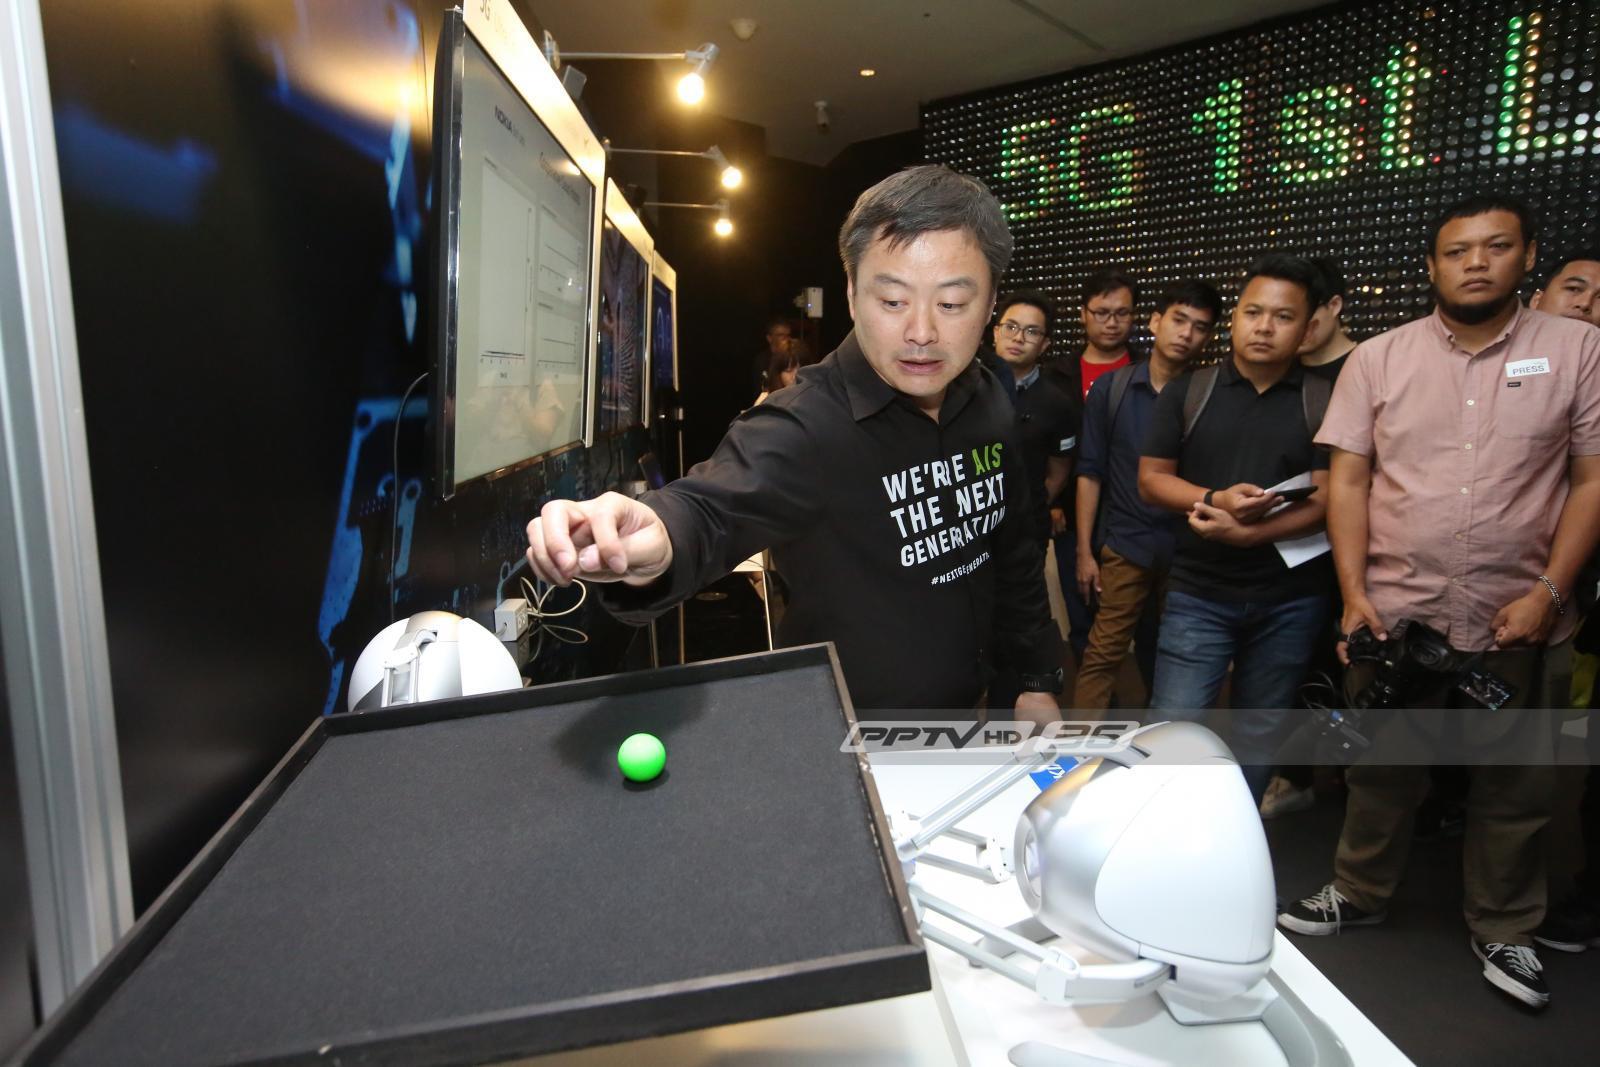 เอไอเอส พร้อม เป็นผู้นำยกระดับอุตสาหกรรมไทยสู่ 5G